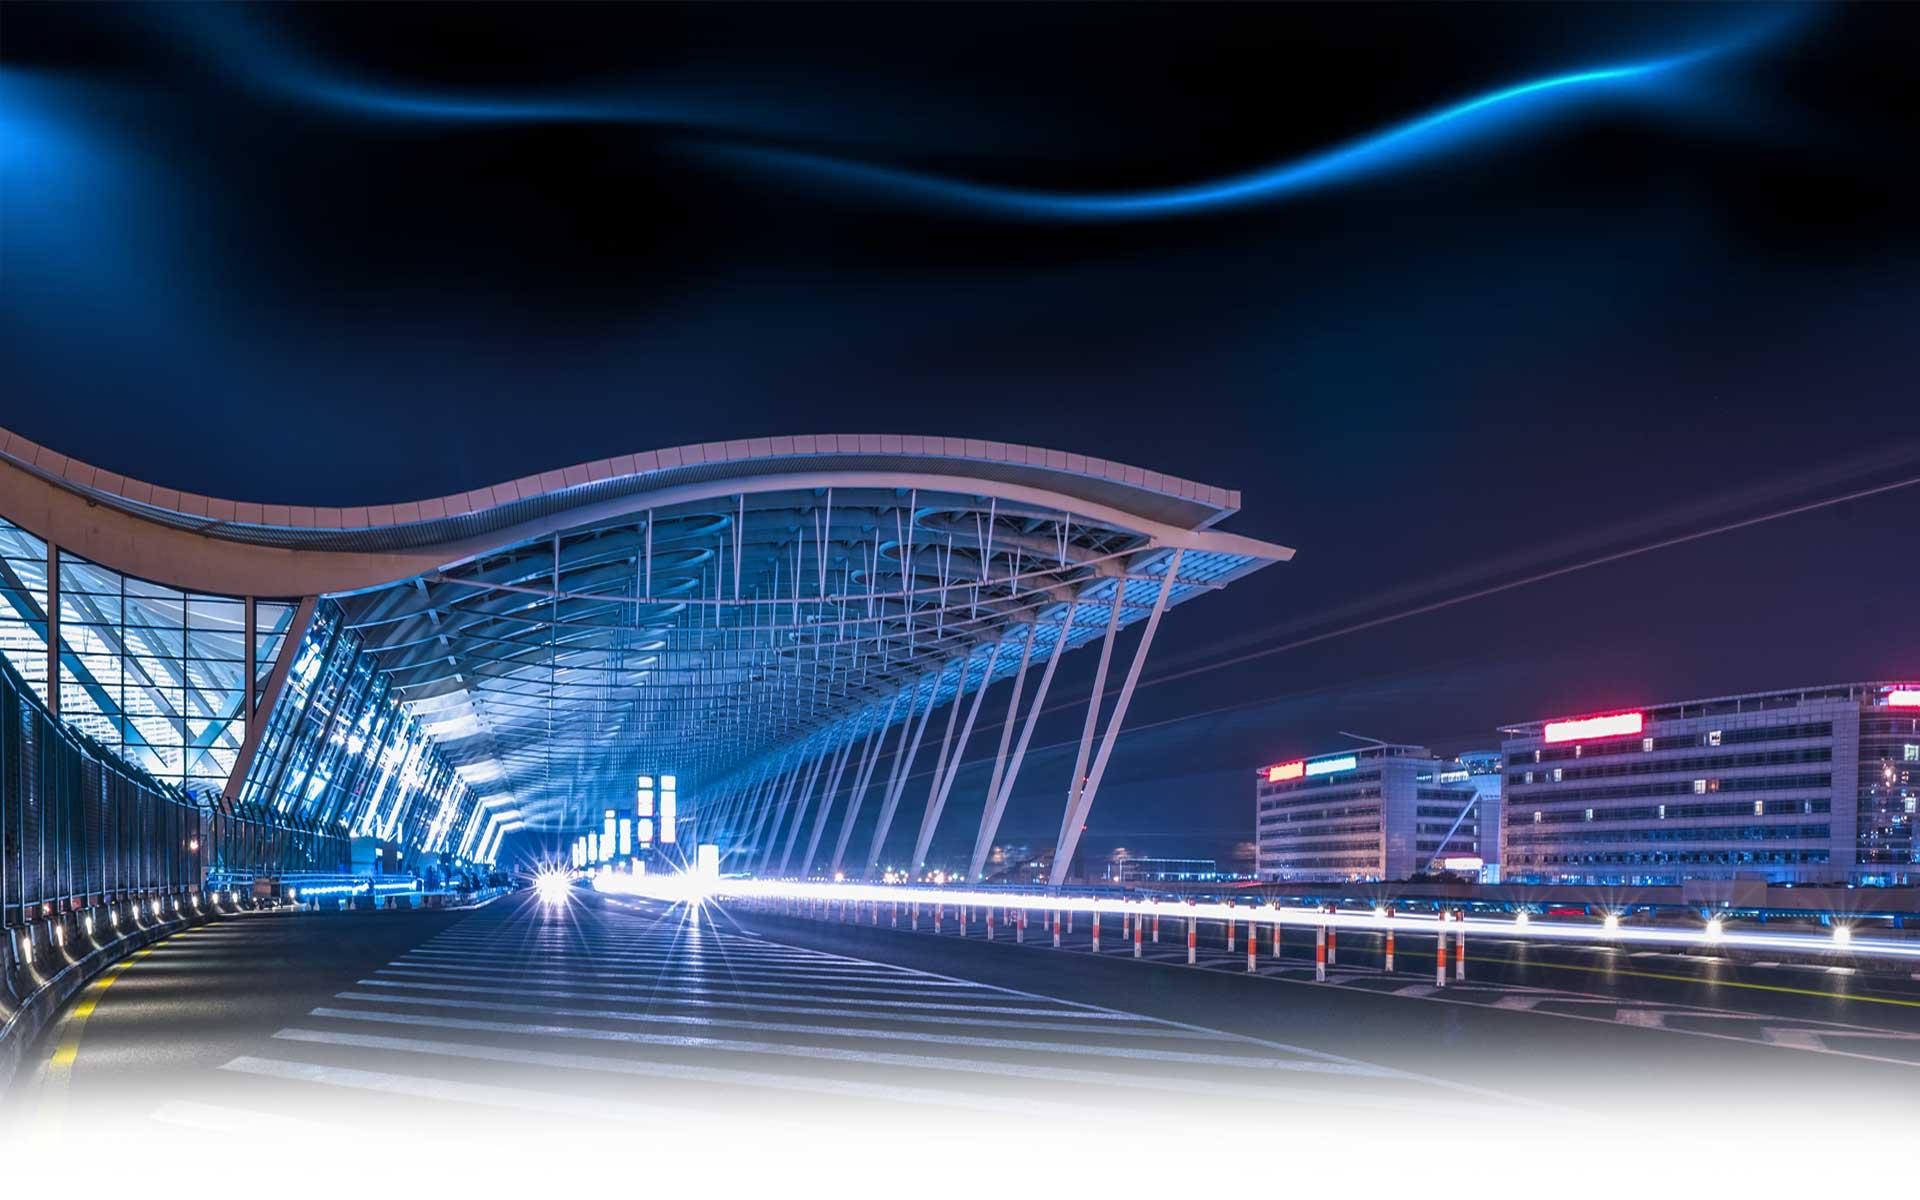 Khởi công dự án thay thế đèn chiếu sáng hiện hữu bằng hệ thống đèn Led trên địa bàn thành phố Châu Đốc